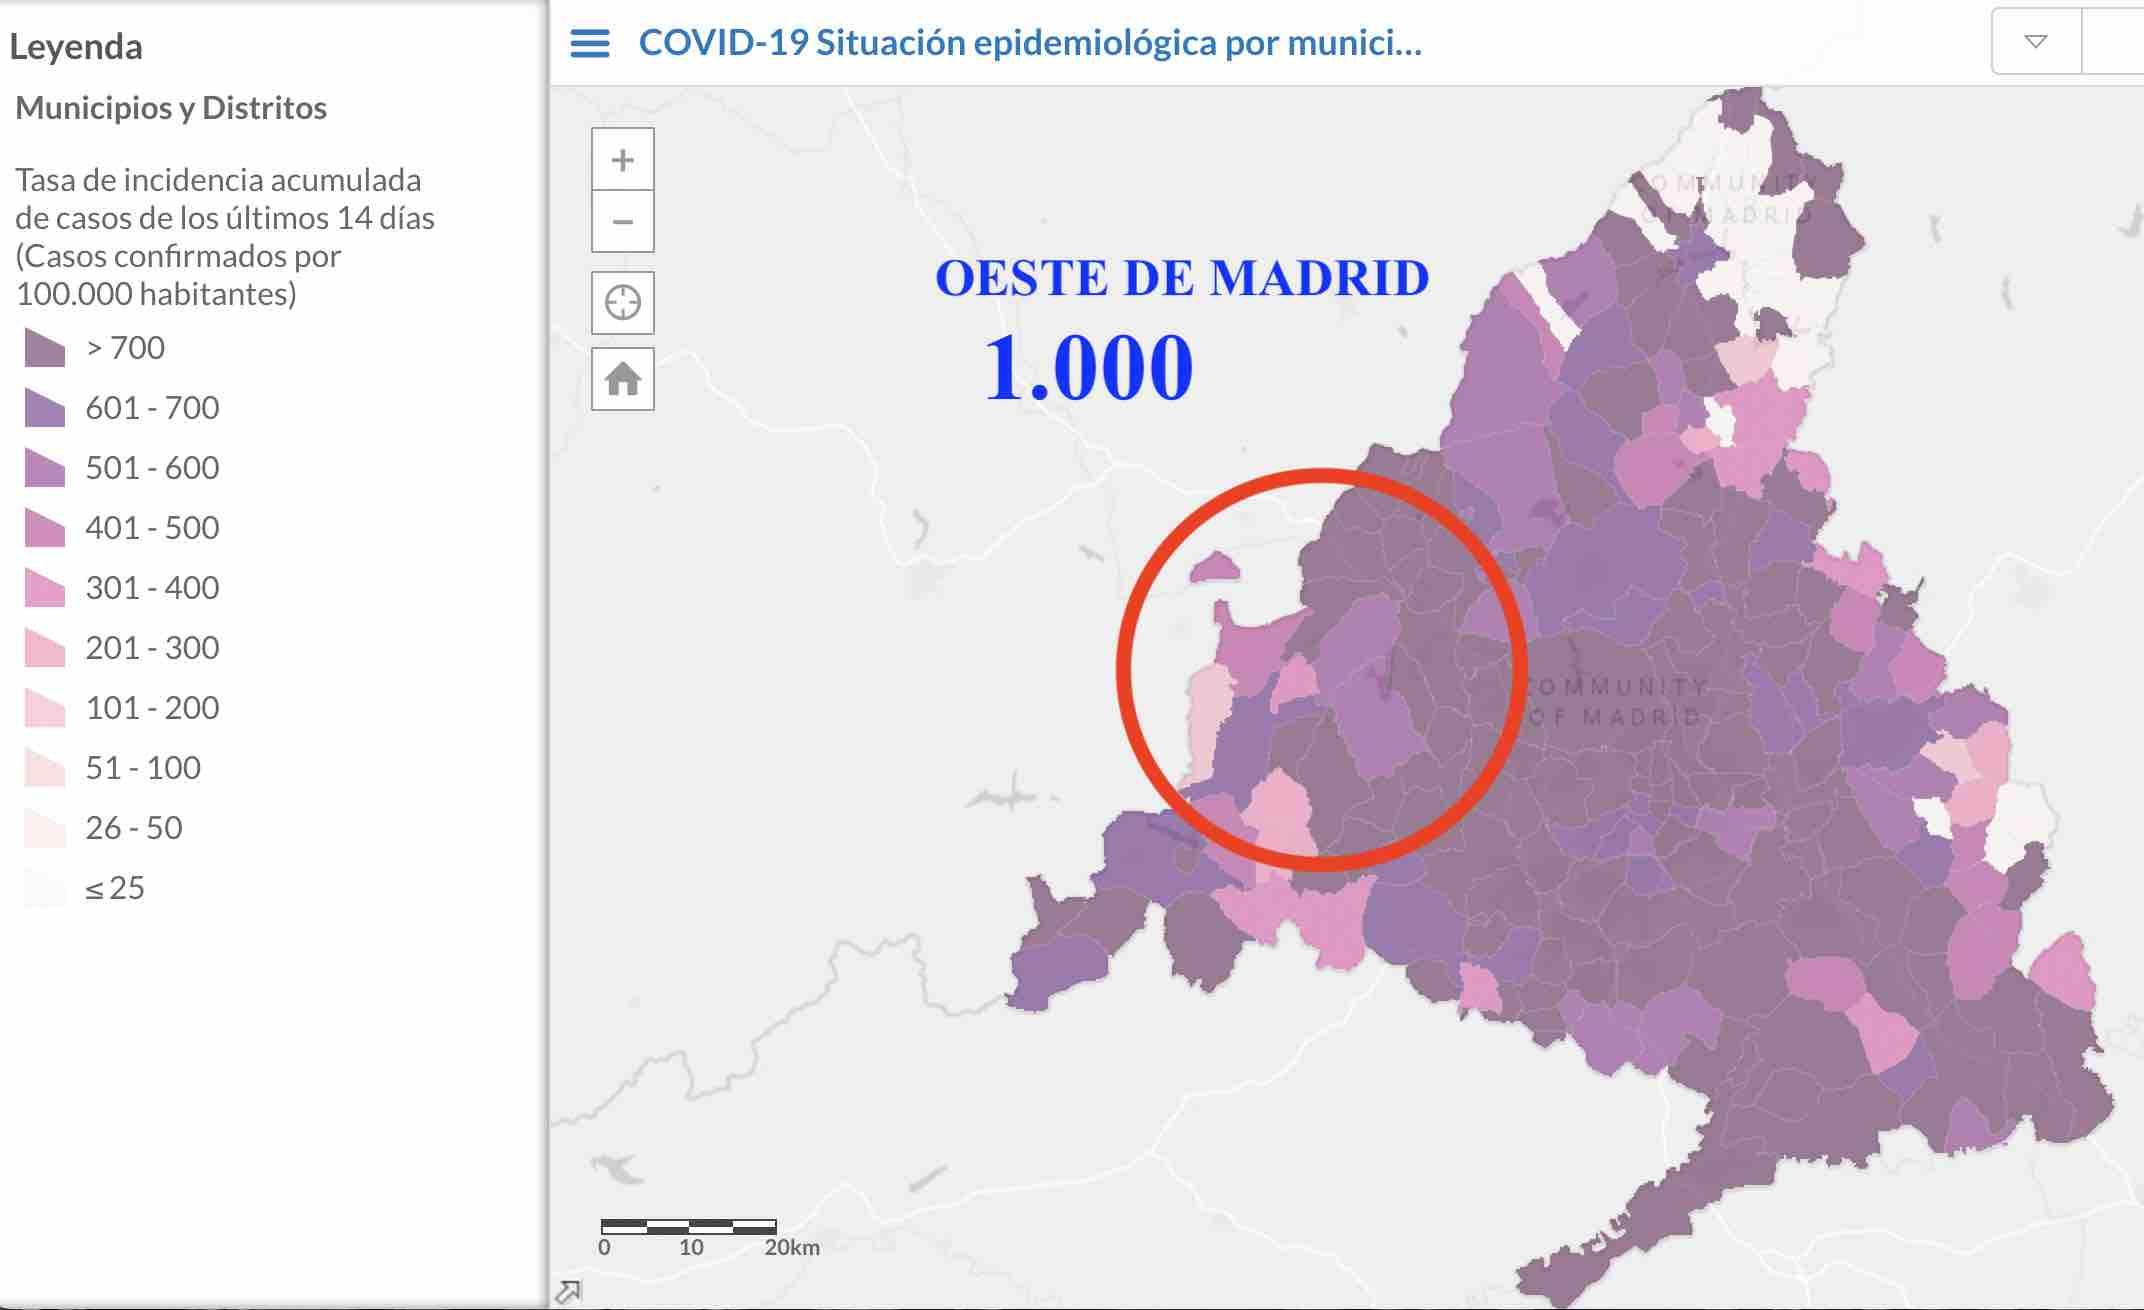 ¡Saltan las alarmas!: el Covid se dispara por encima de 1.000 en el Oeste de Madrid